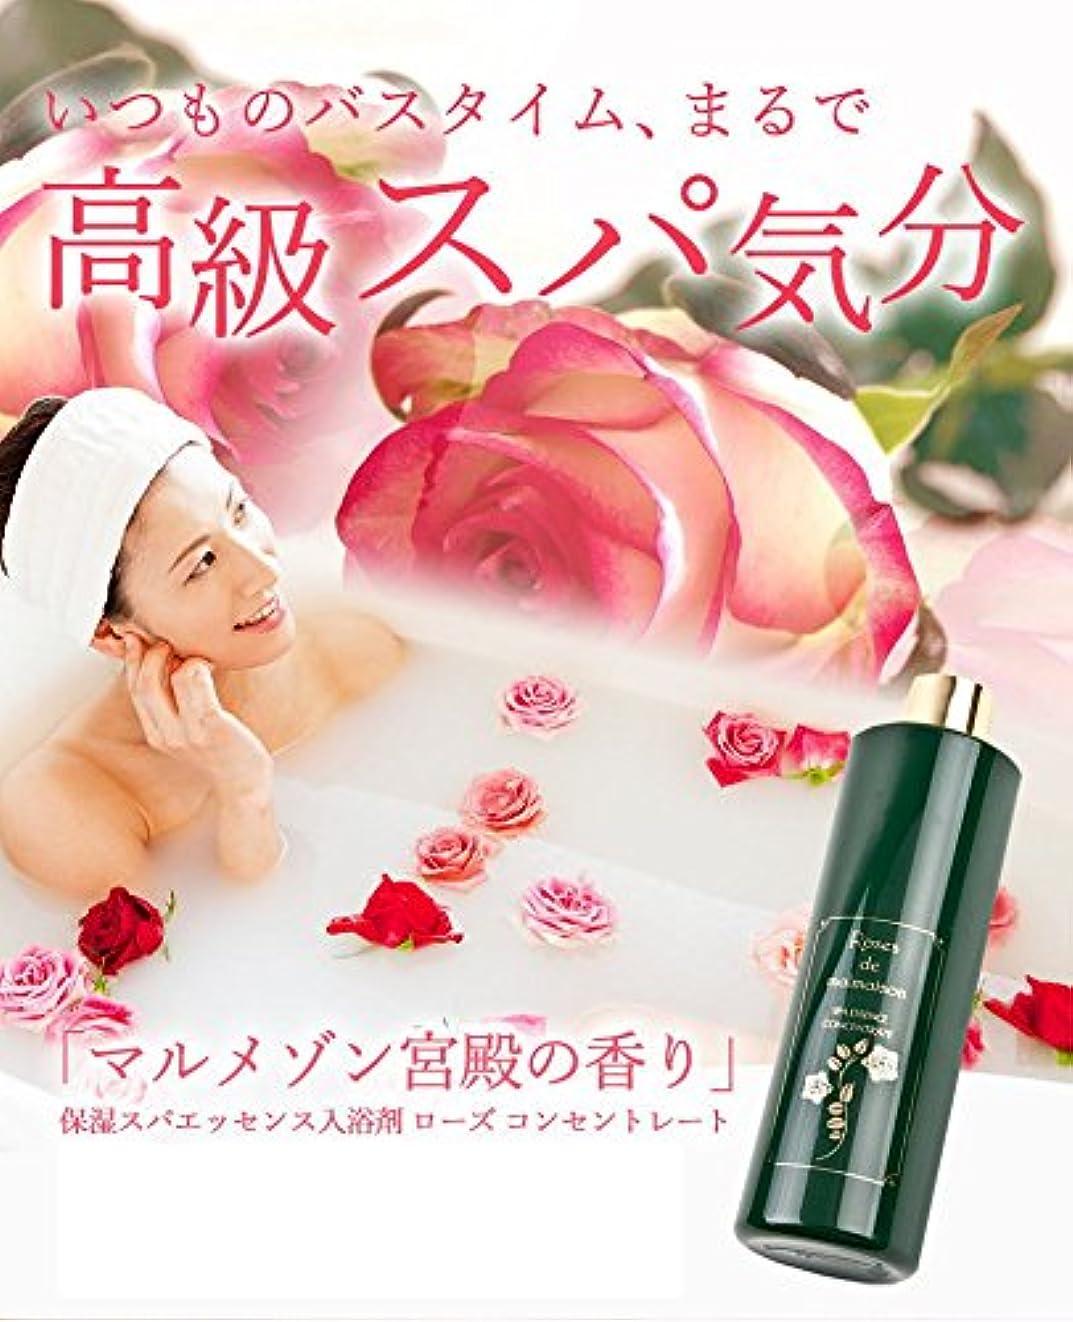 溶けた囲まれたデータムローズドマルメゾン スパエッセンス コンセントレート バラの香りの入浴剤 天然ローズの香り 高級スパのような入浴剤